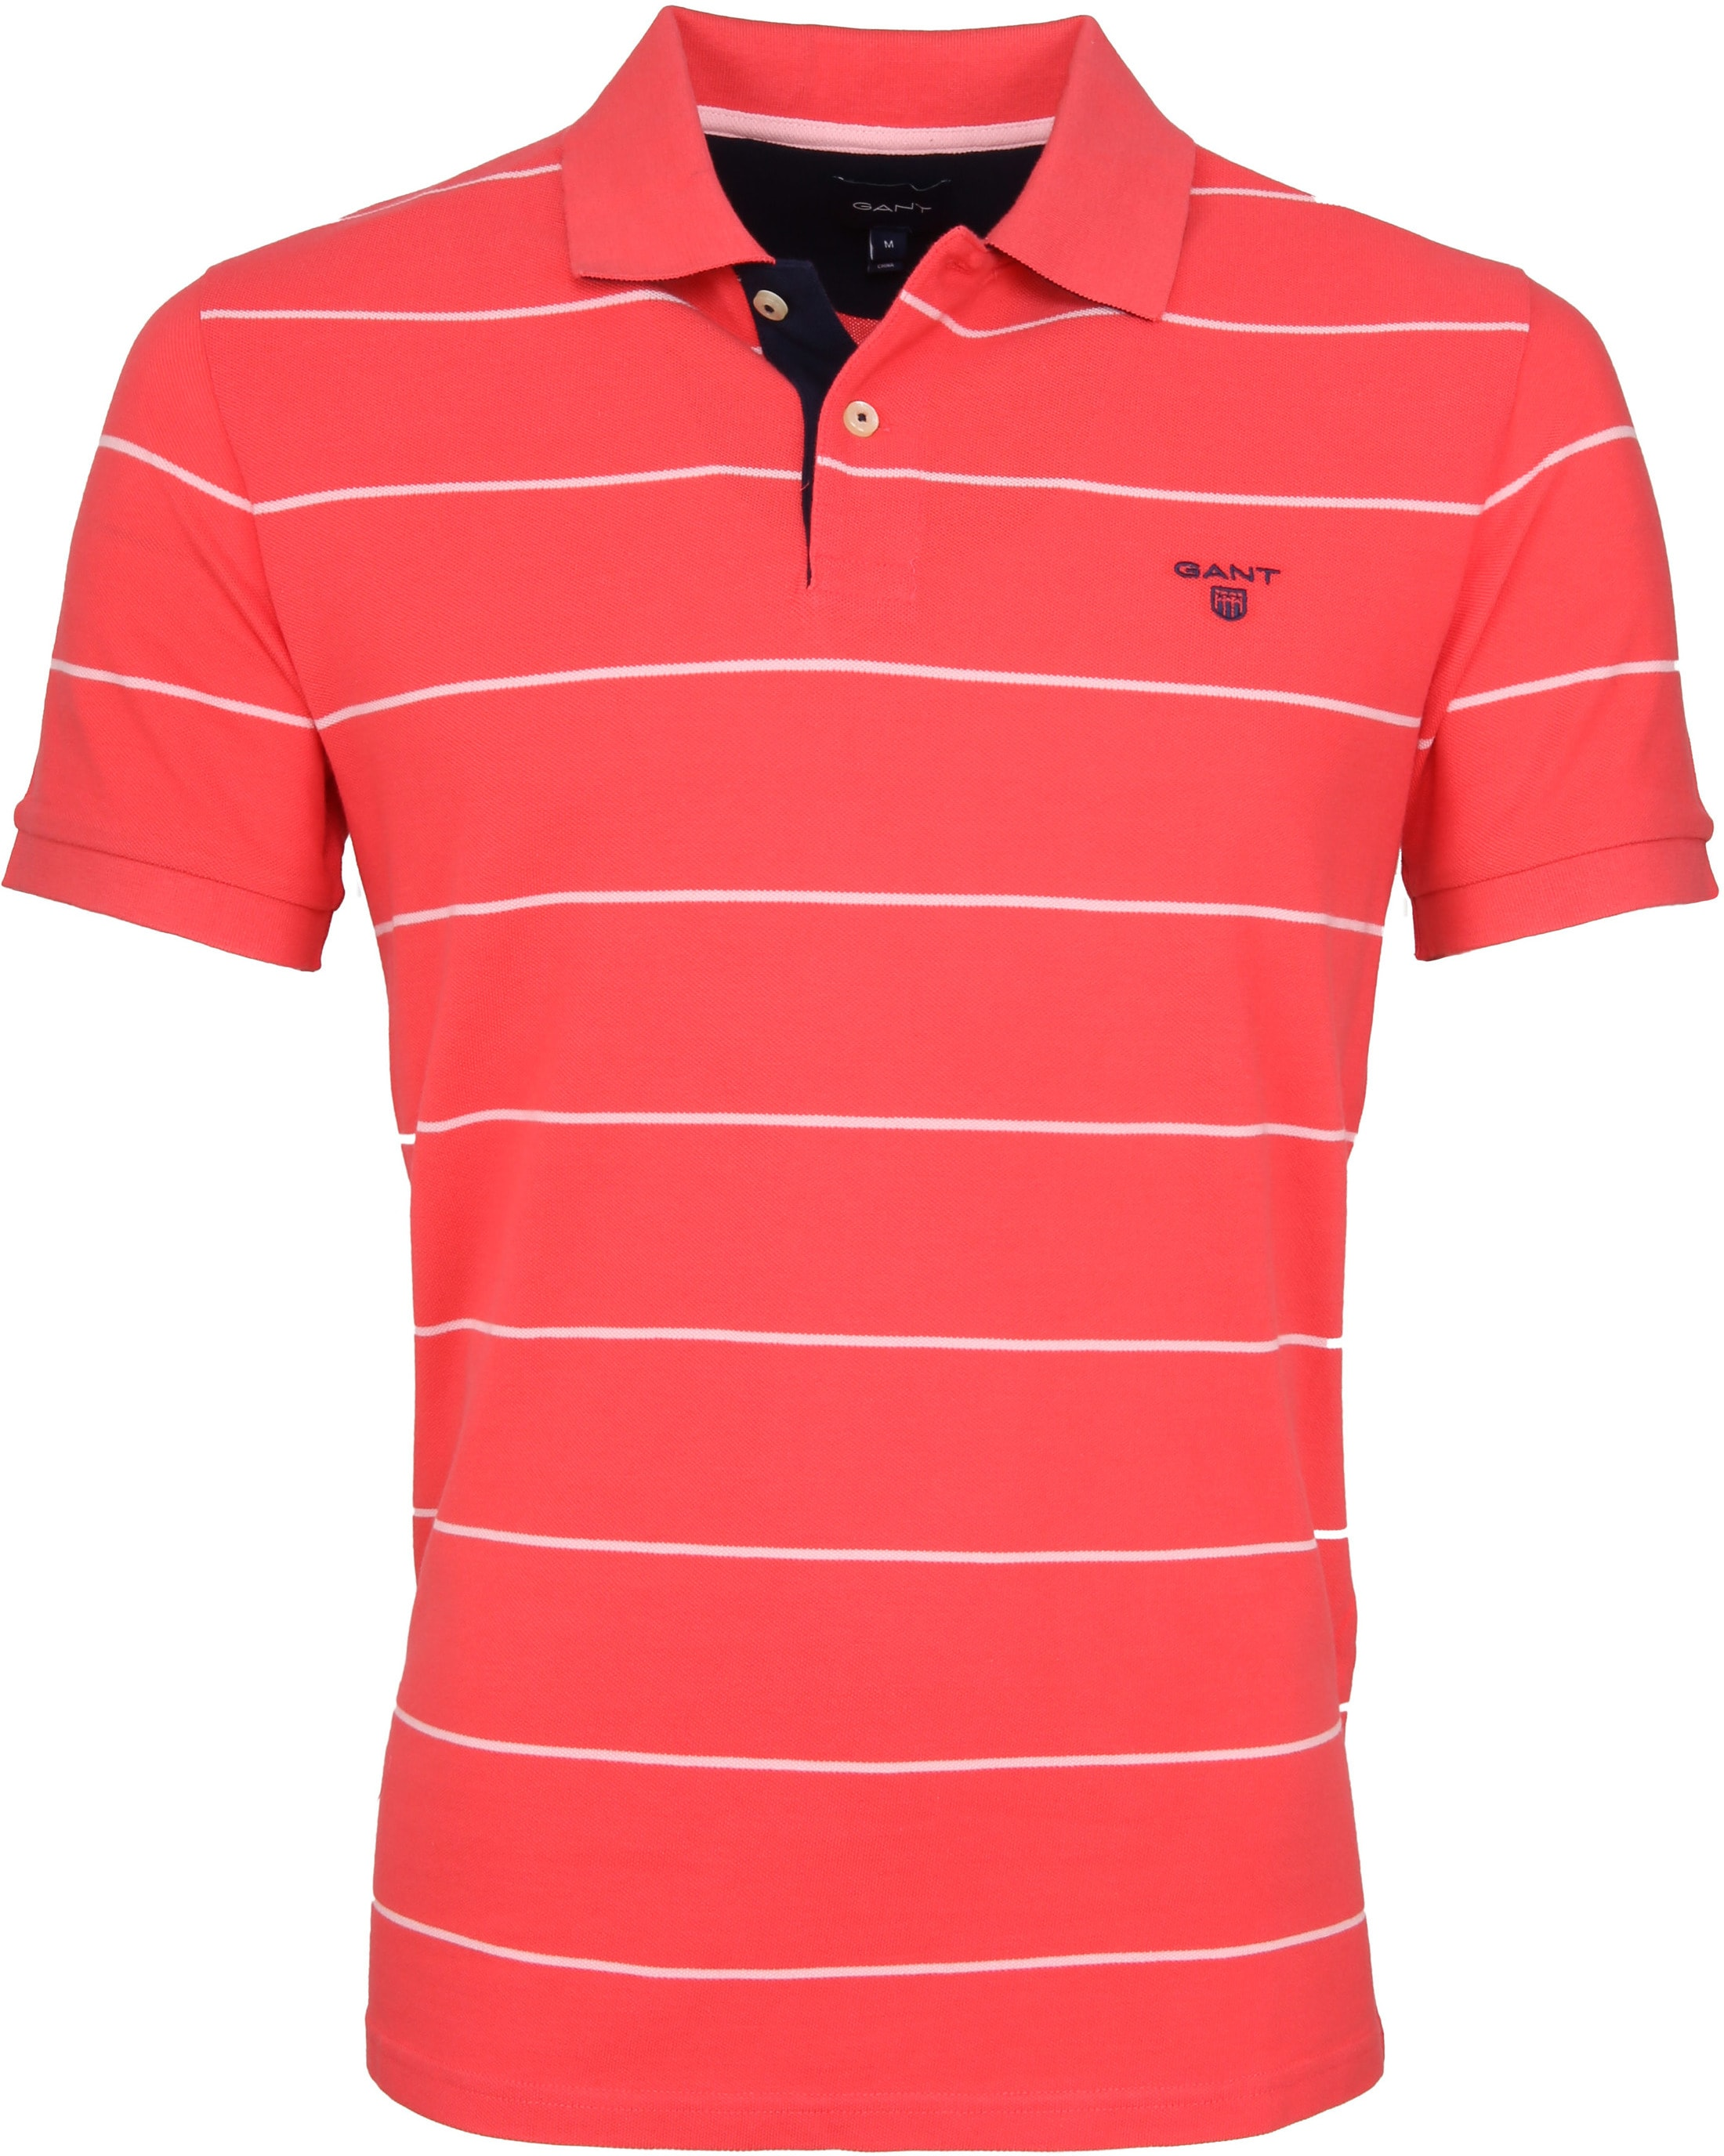 Gant Poloshirt Strepen Roze